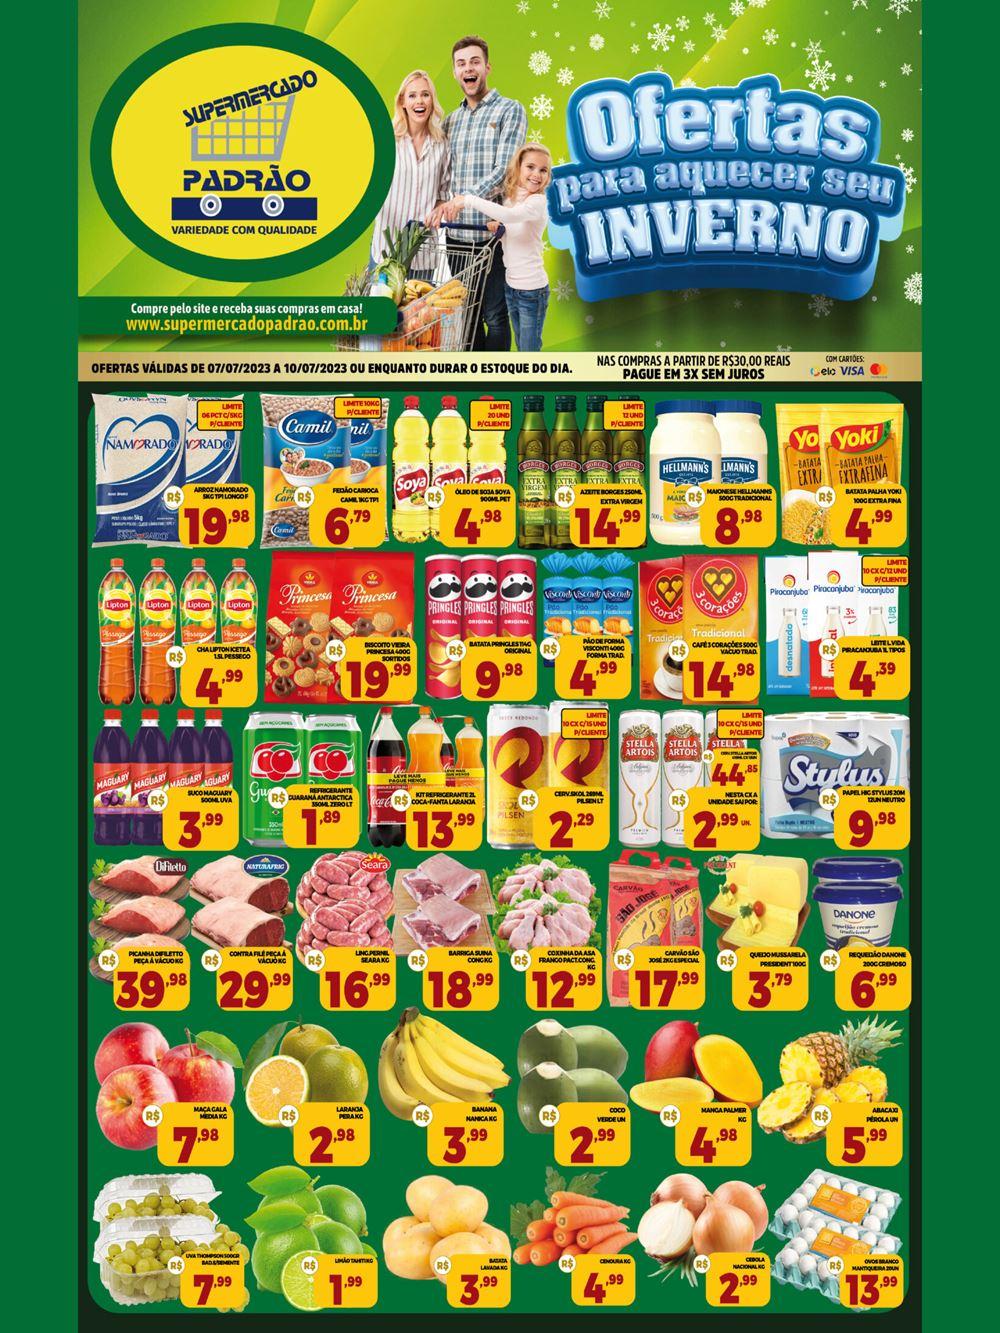 padrao-ofertas-descontos-hoje1-27 Ofertas de supermercados